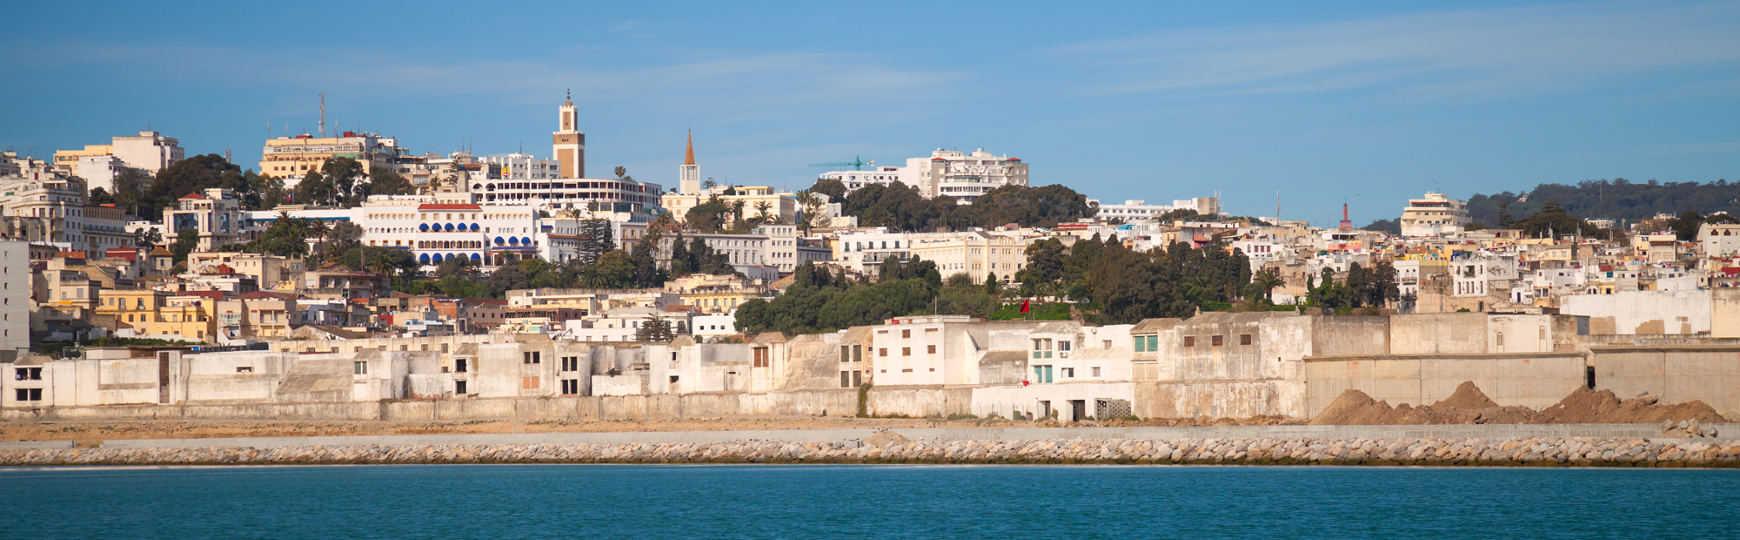 sailboat charter Morocco